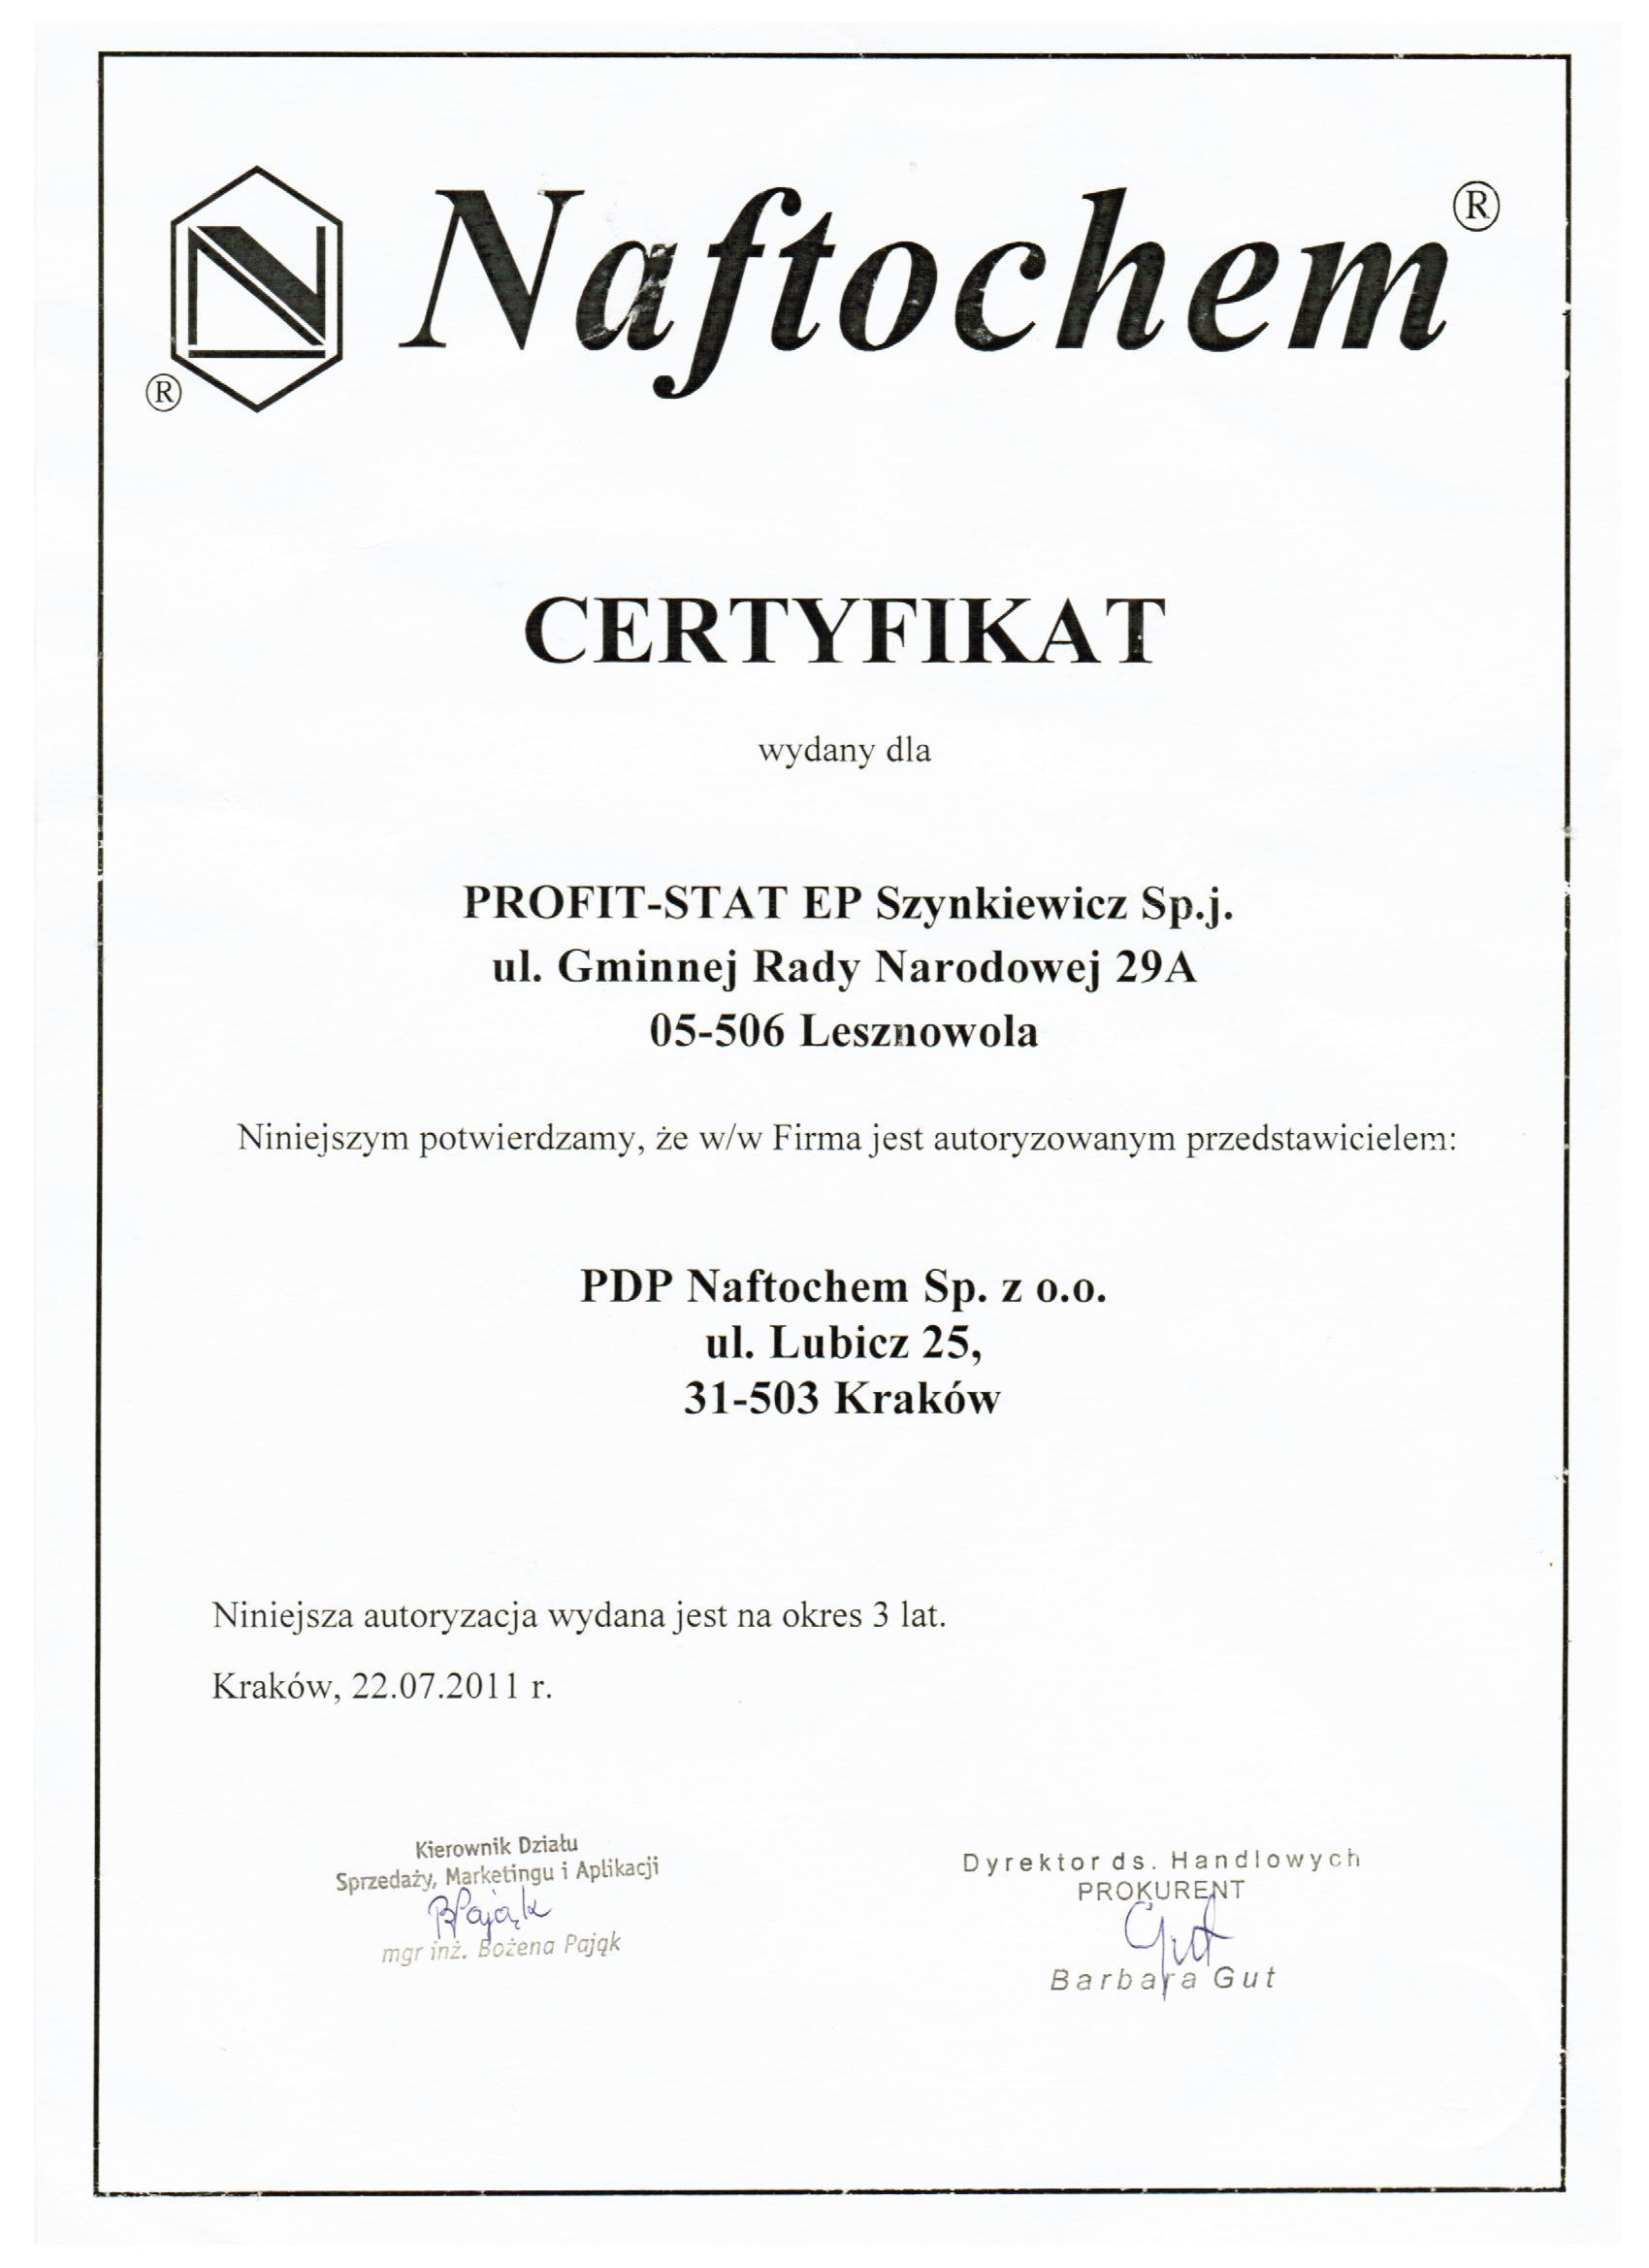 http://profitstatep.pl/media/images/certyfikat3.jpg